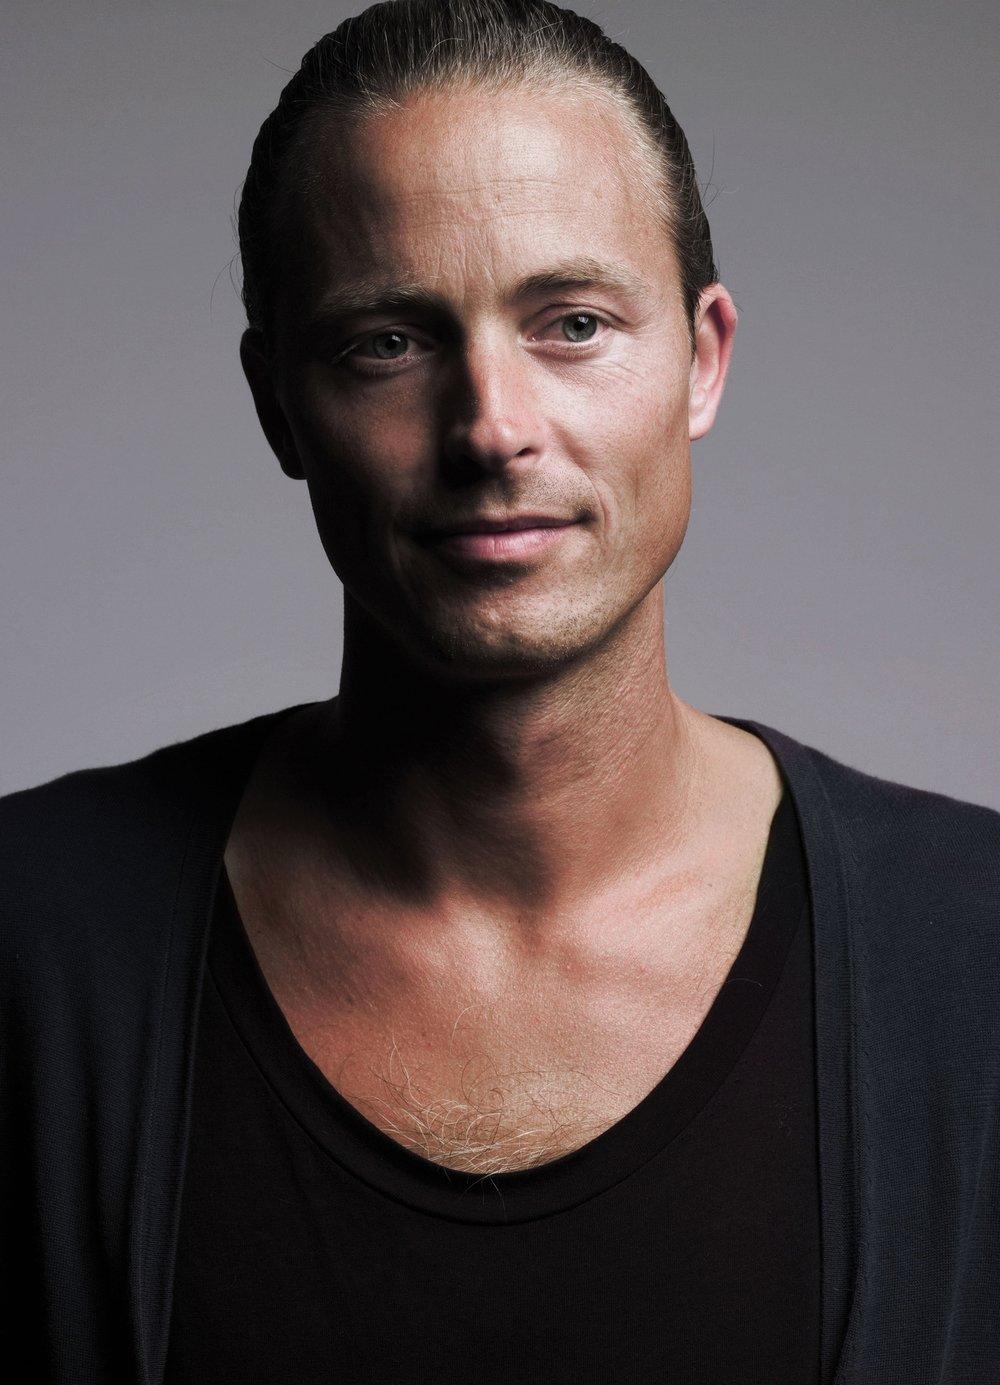 Aldo Bakker Portrait - Dutch Design Artist - Les Ateliers Courbet